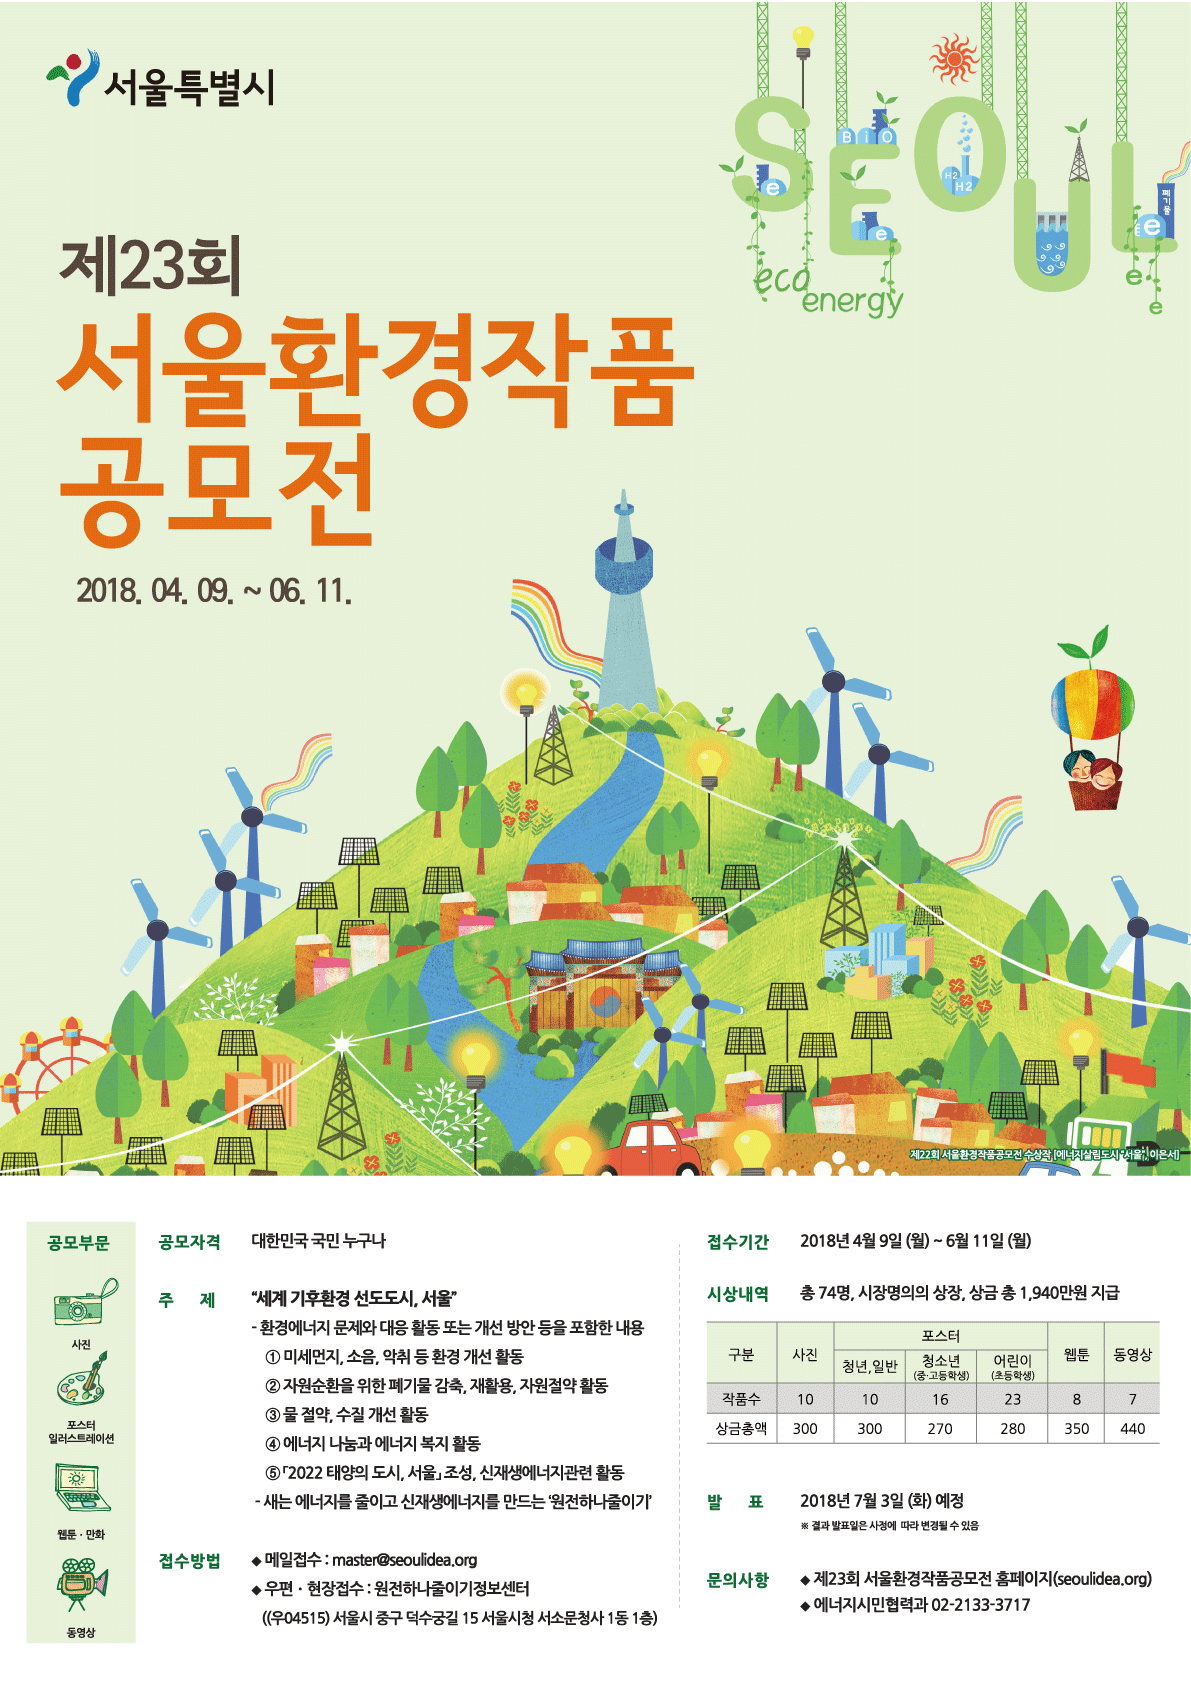 제23회 서울환경작품공모전